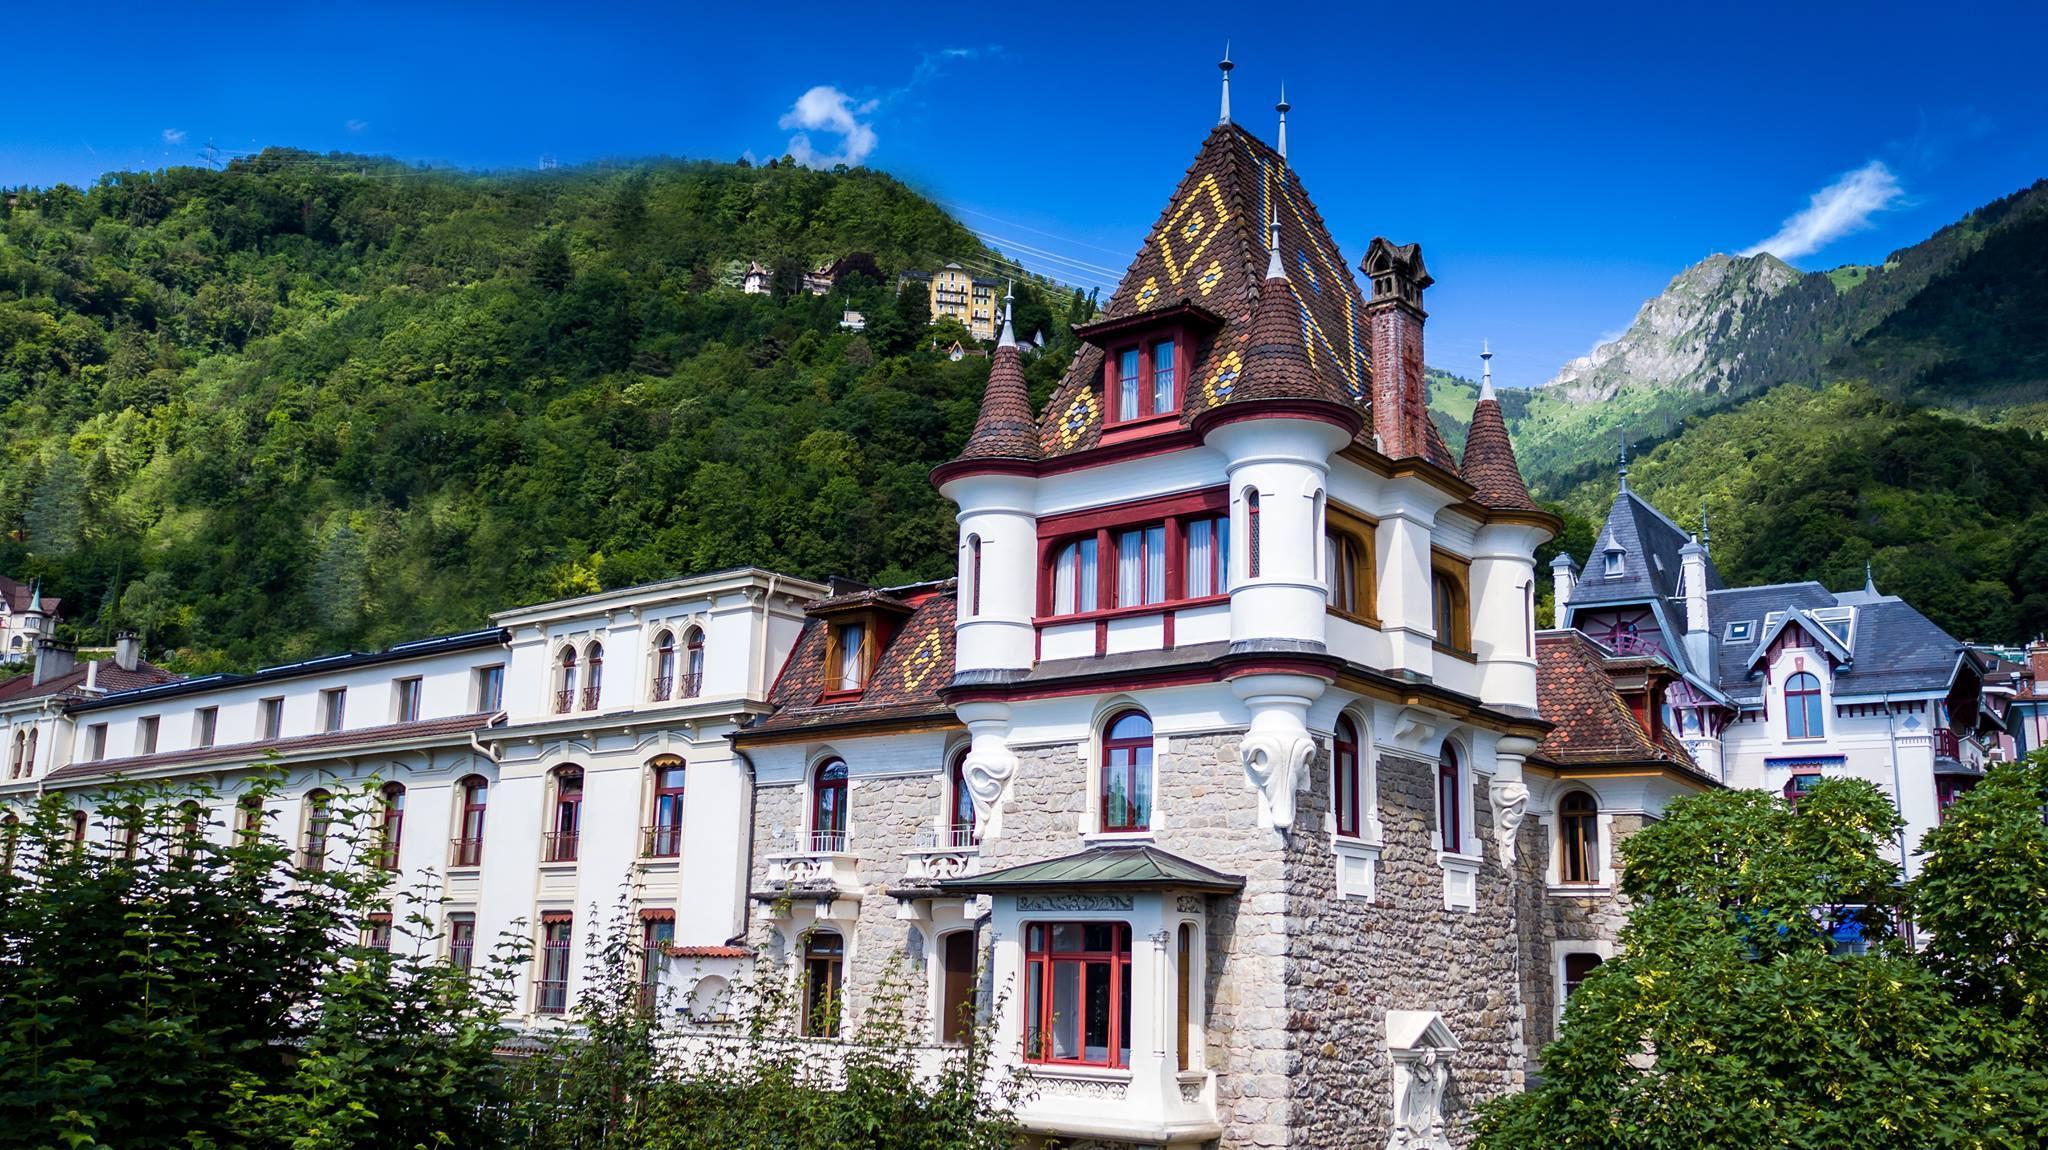 Monte Rosa Institute